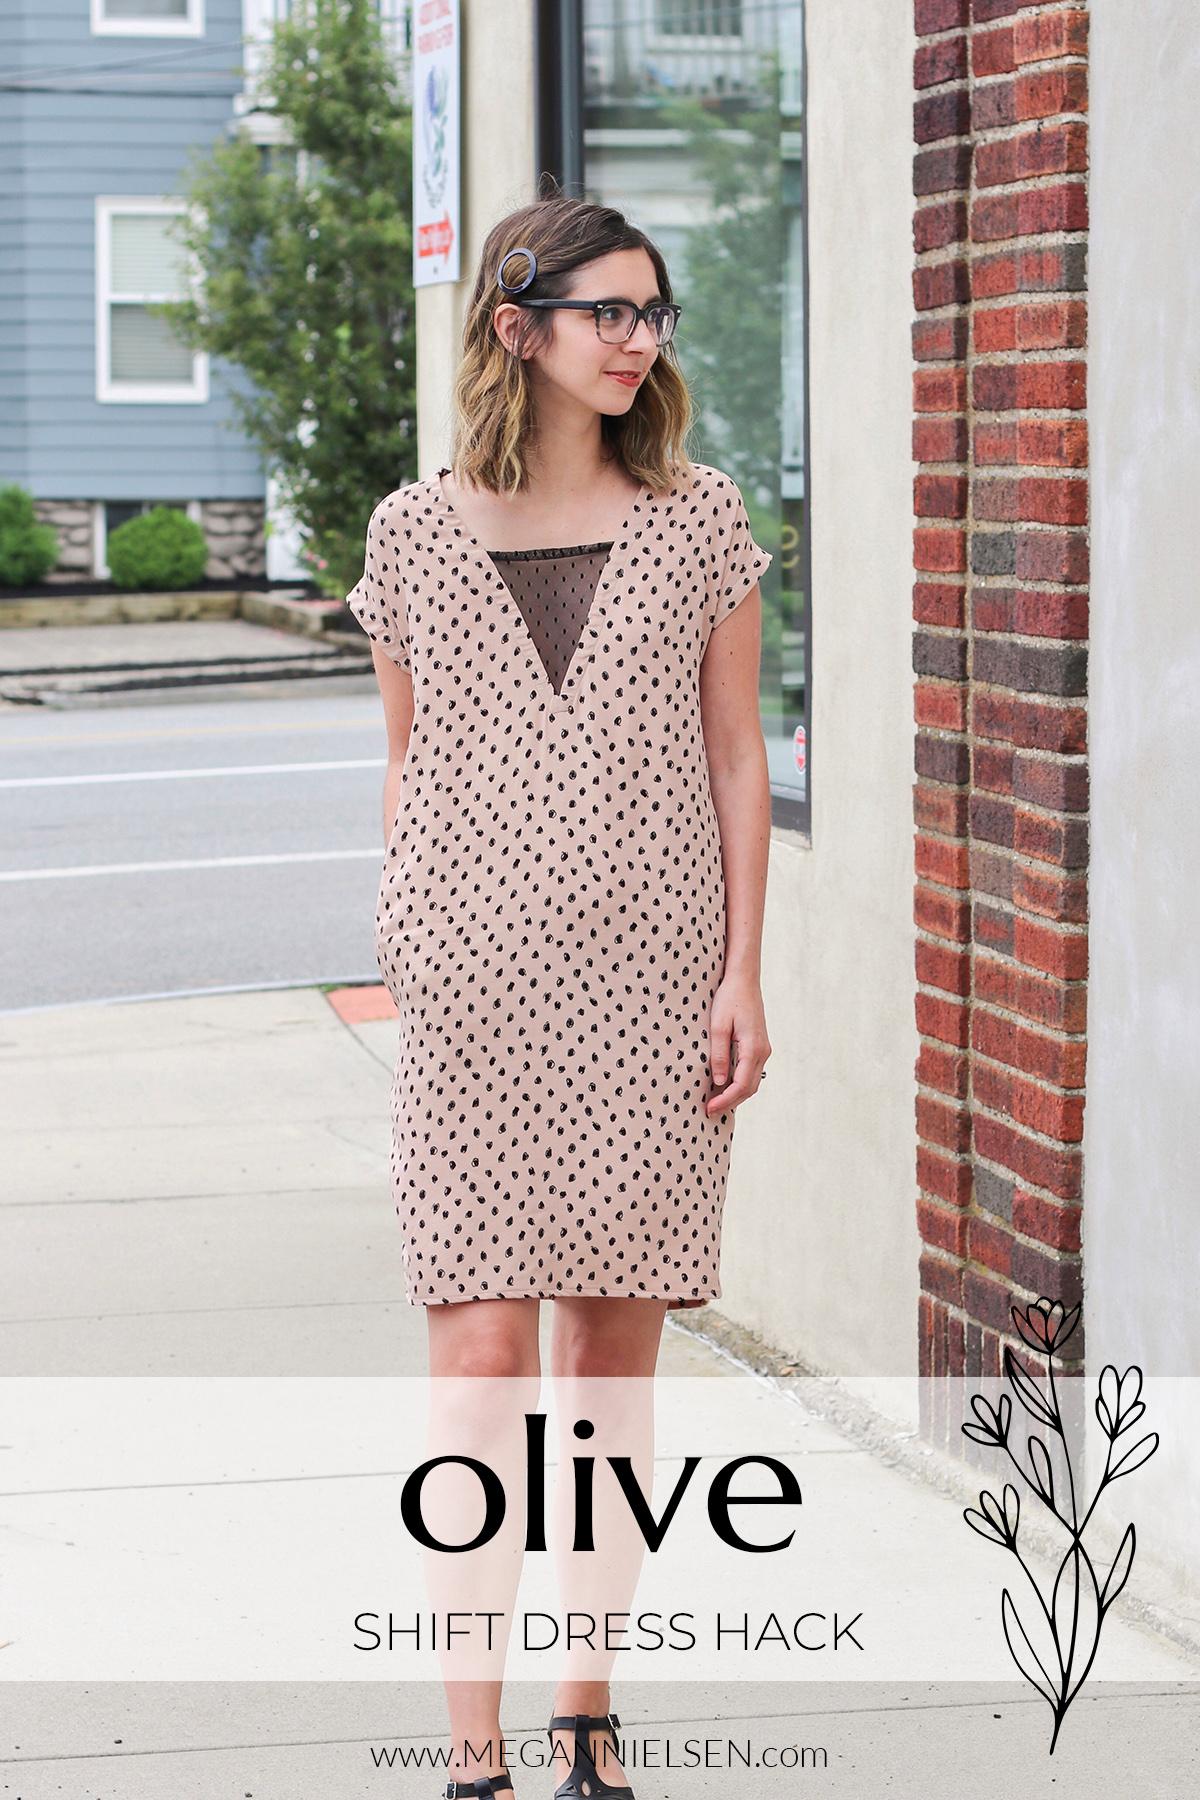 Olive shift dress hack